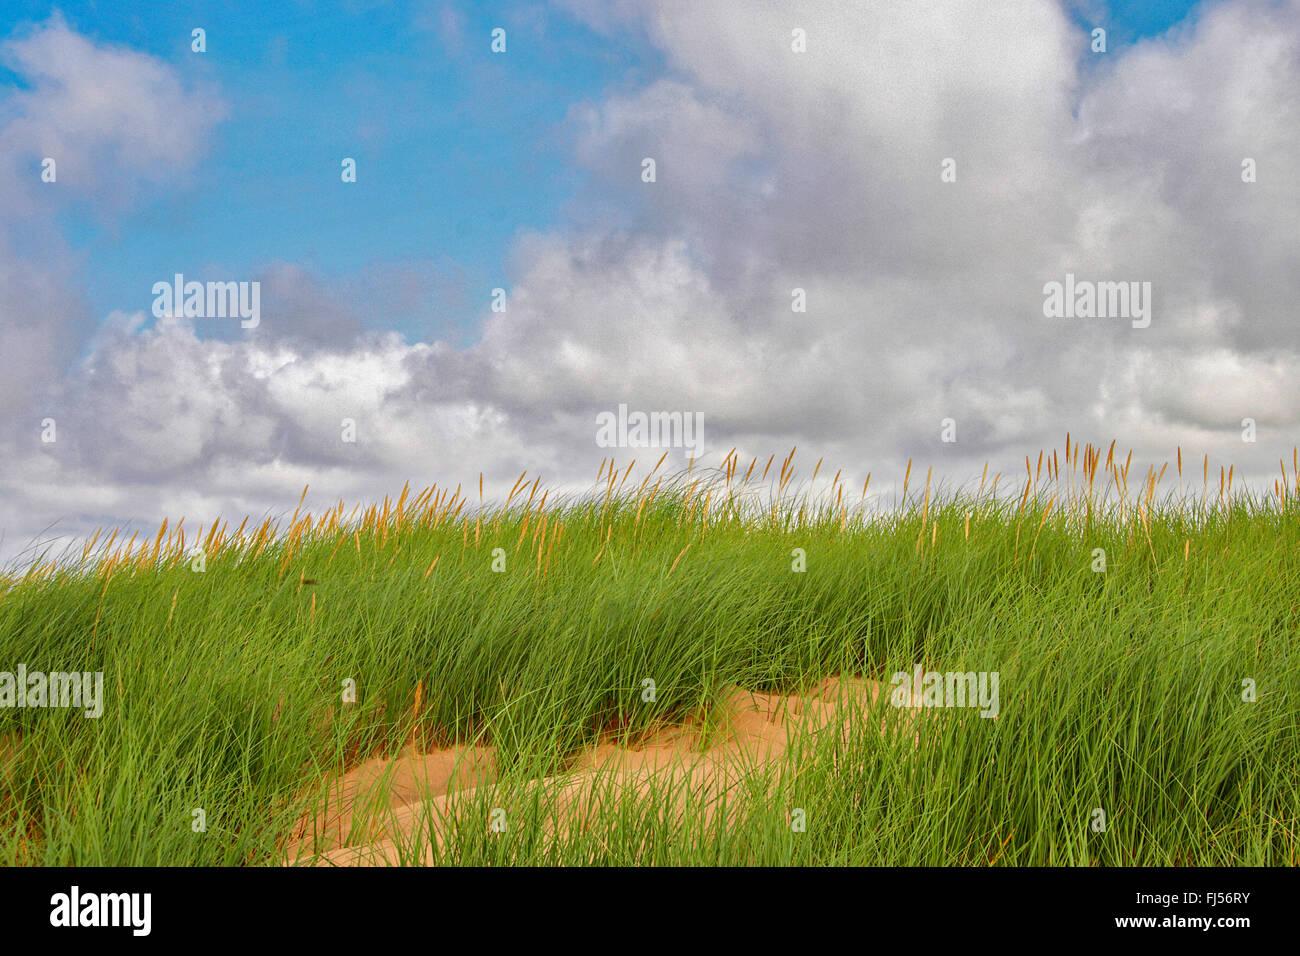 beach grass, European beachgrass, marram grass, psamma, sea sand-reed (Ammophila arenaria), dune with beach grass, - Stock Image